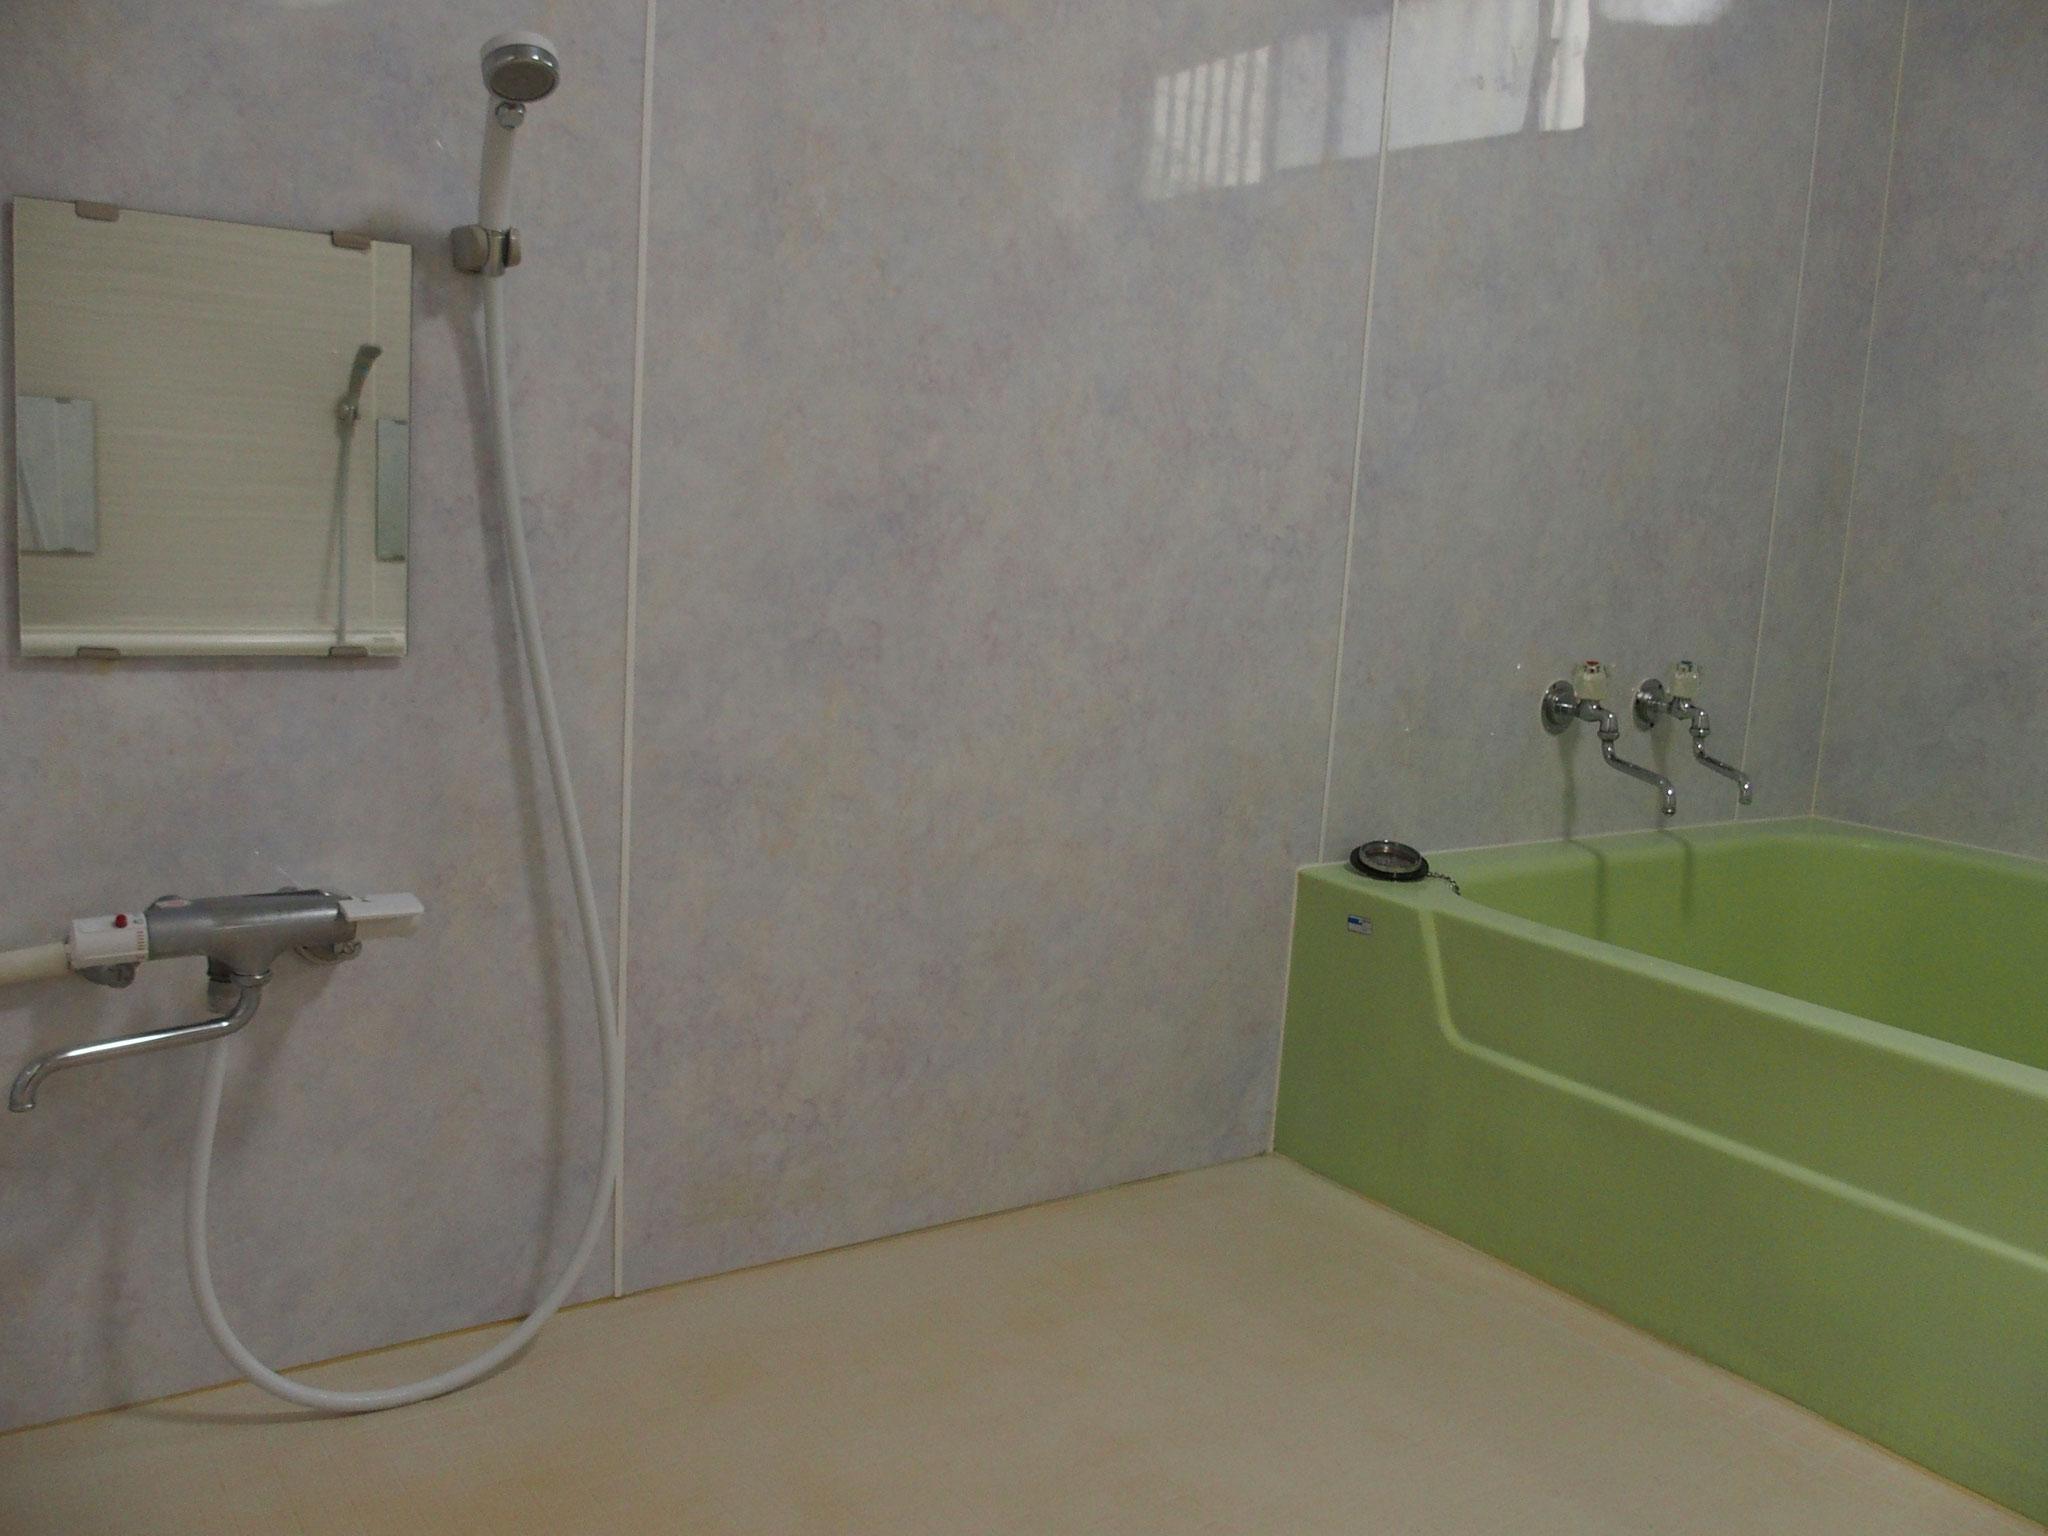 3人入っても足が伸ばせる広々とした浴槽